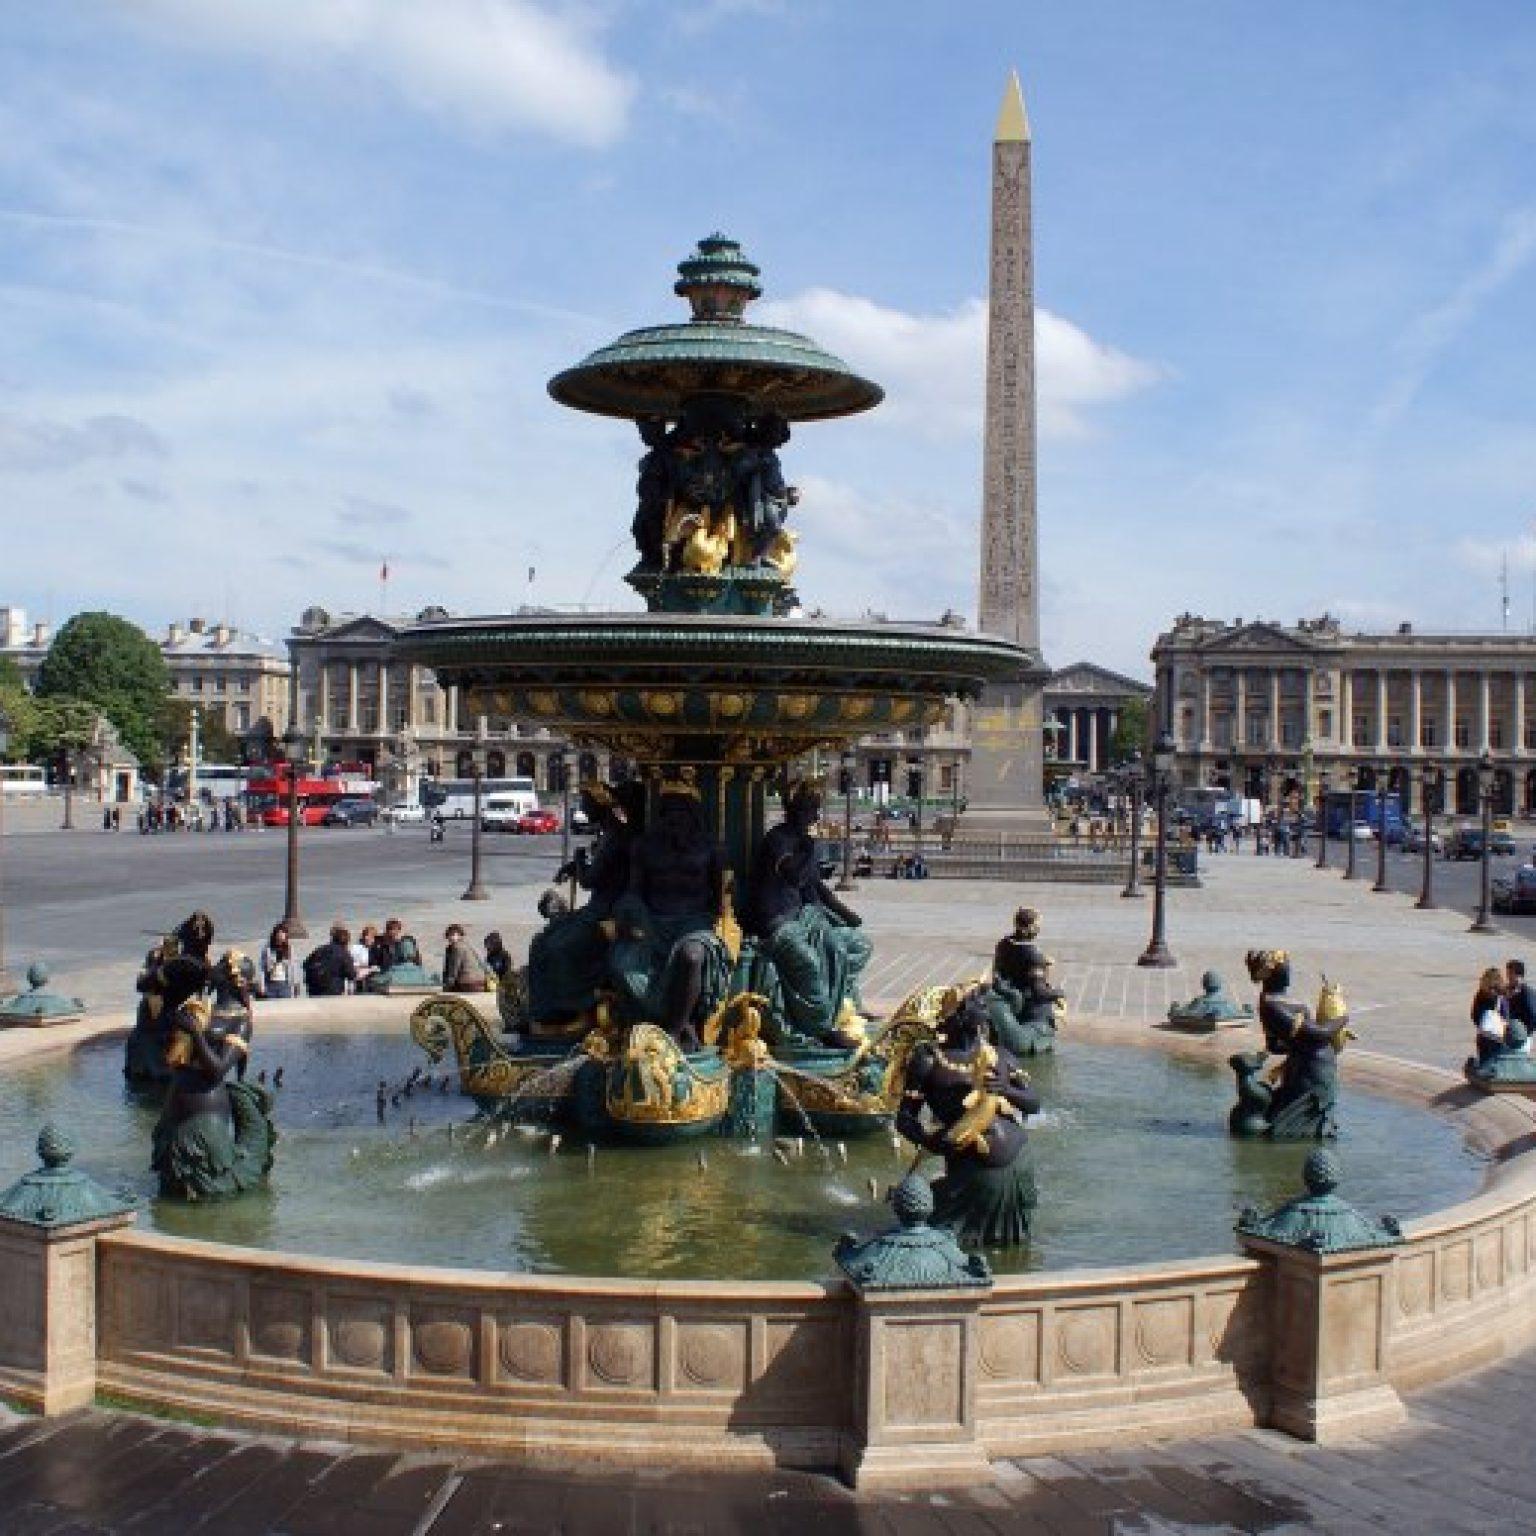 Достопримечательности Парижа: Площадь Согласия